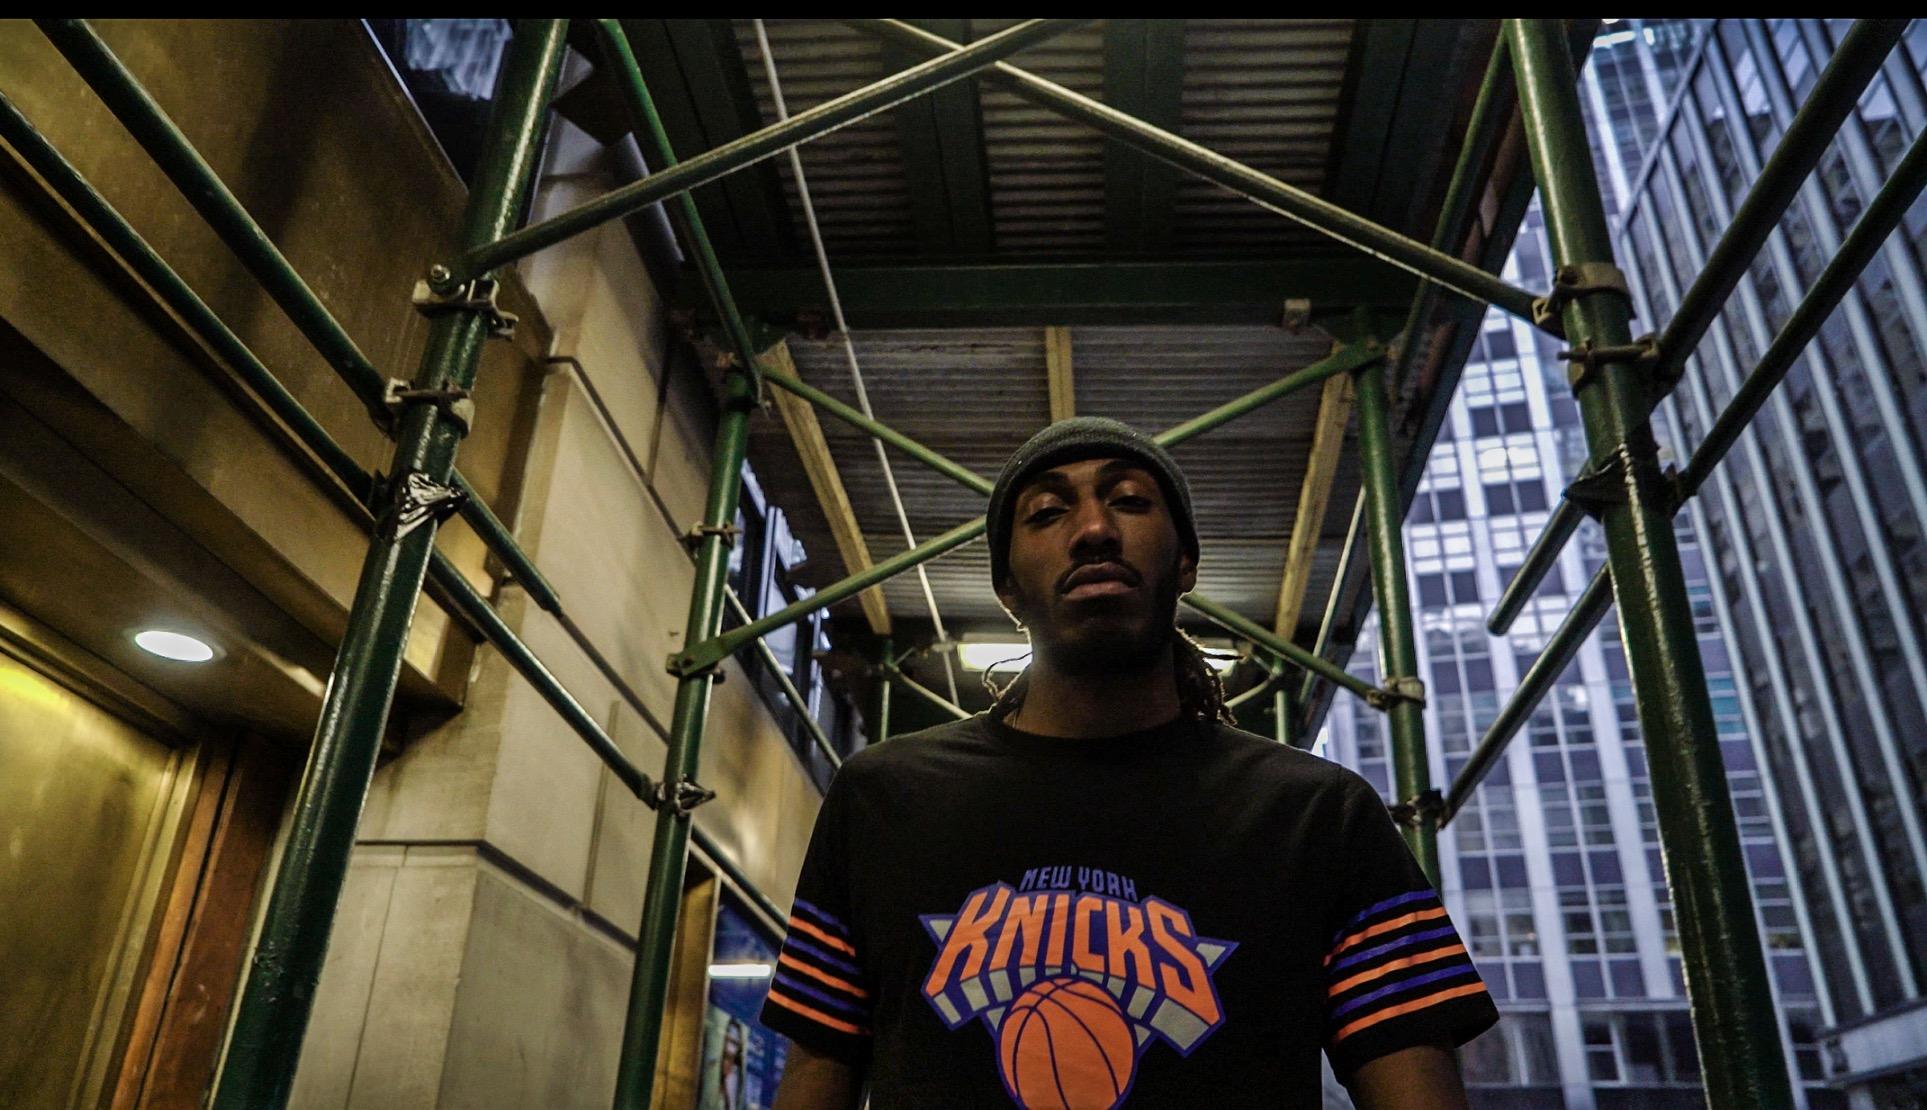 Grungy Gentleman x Knicks 1.jpg